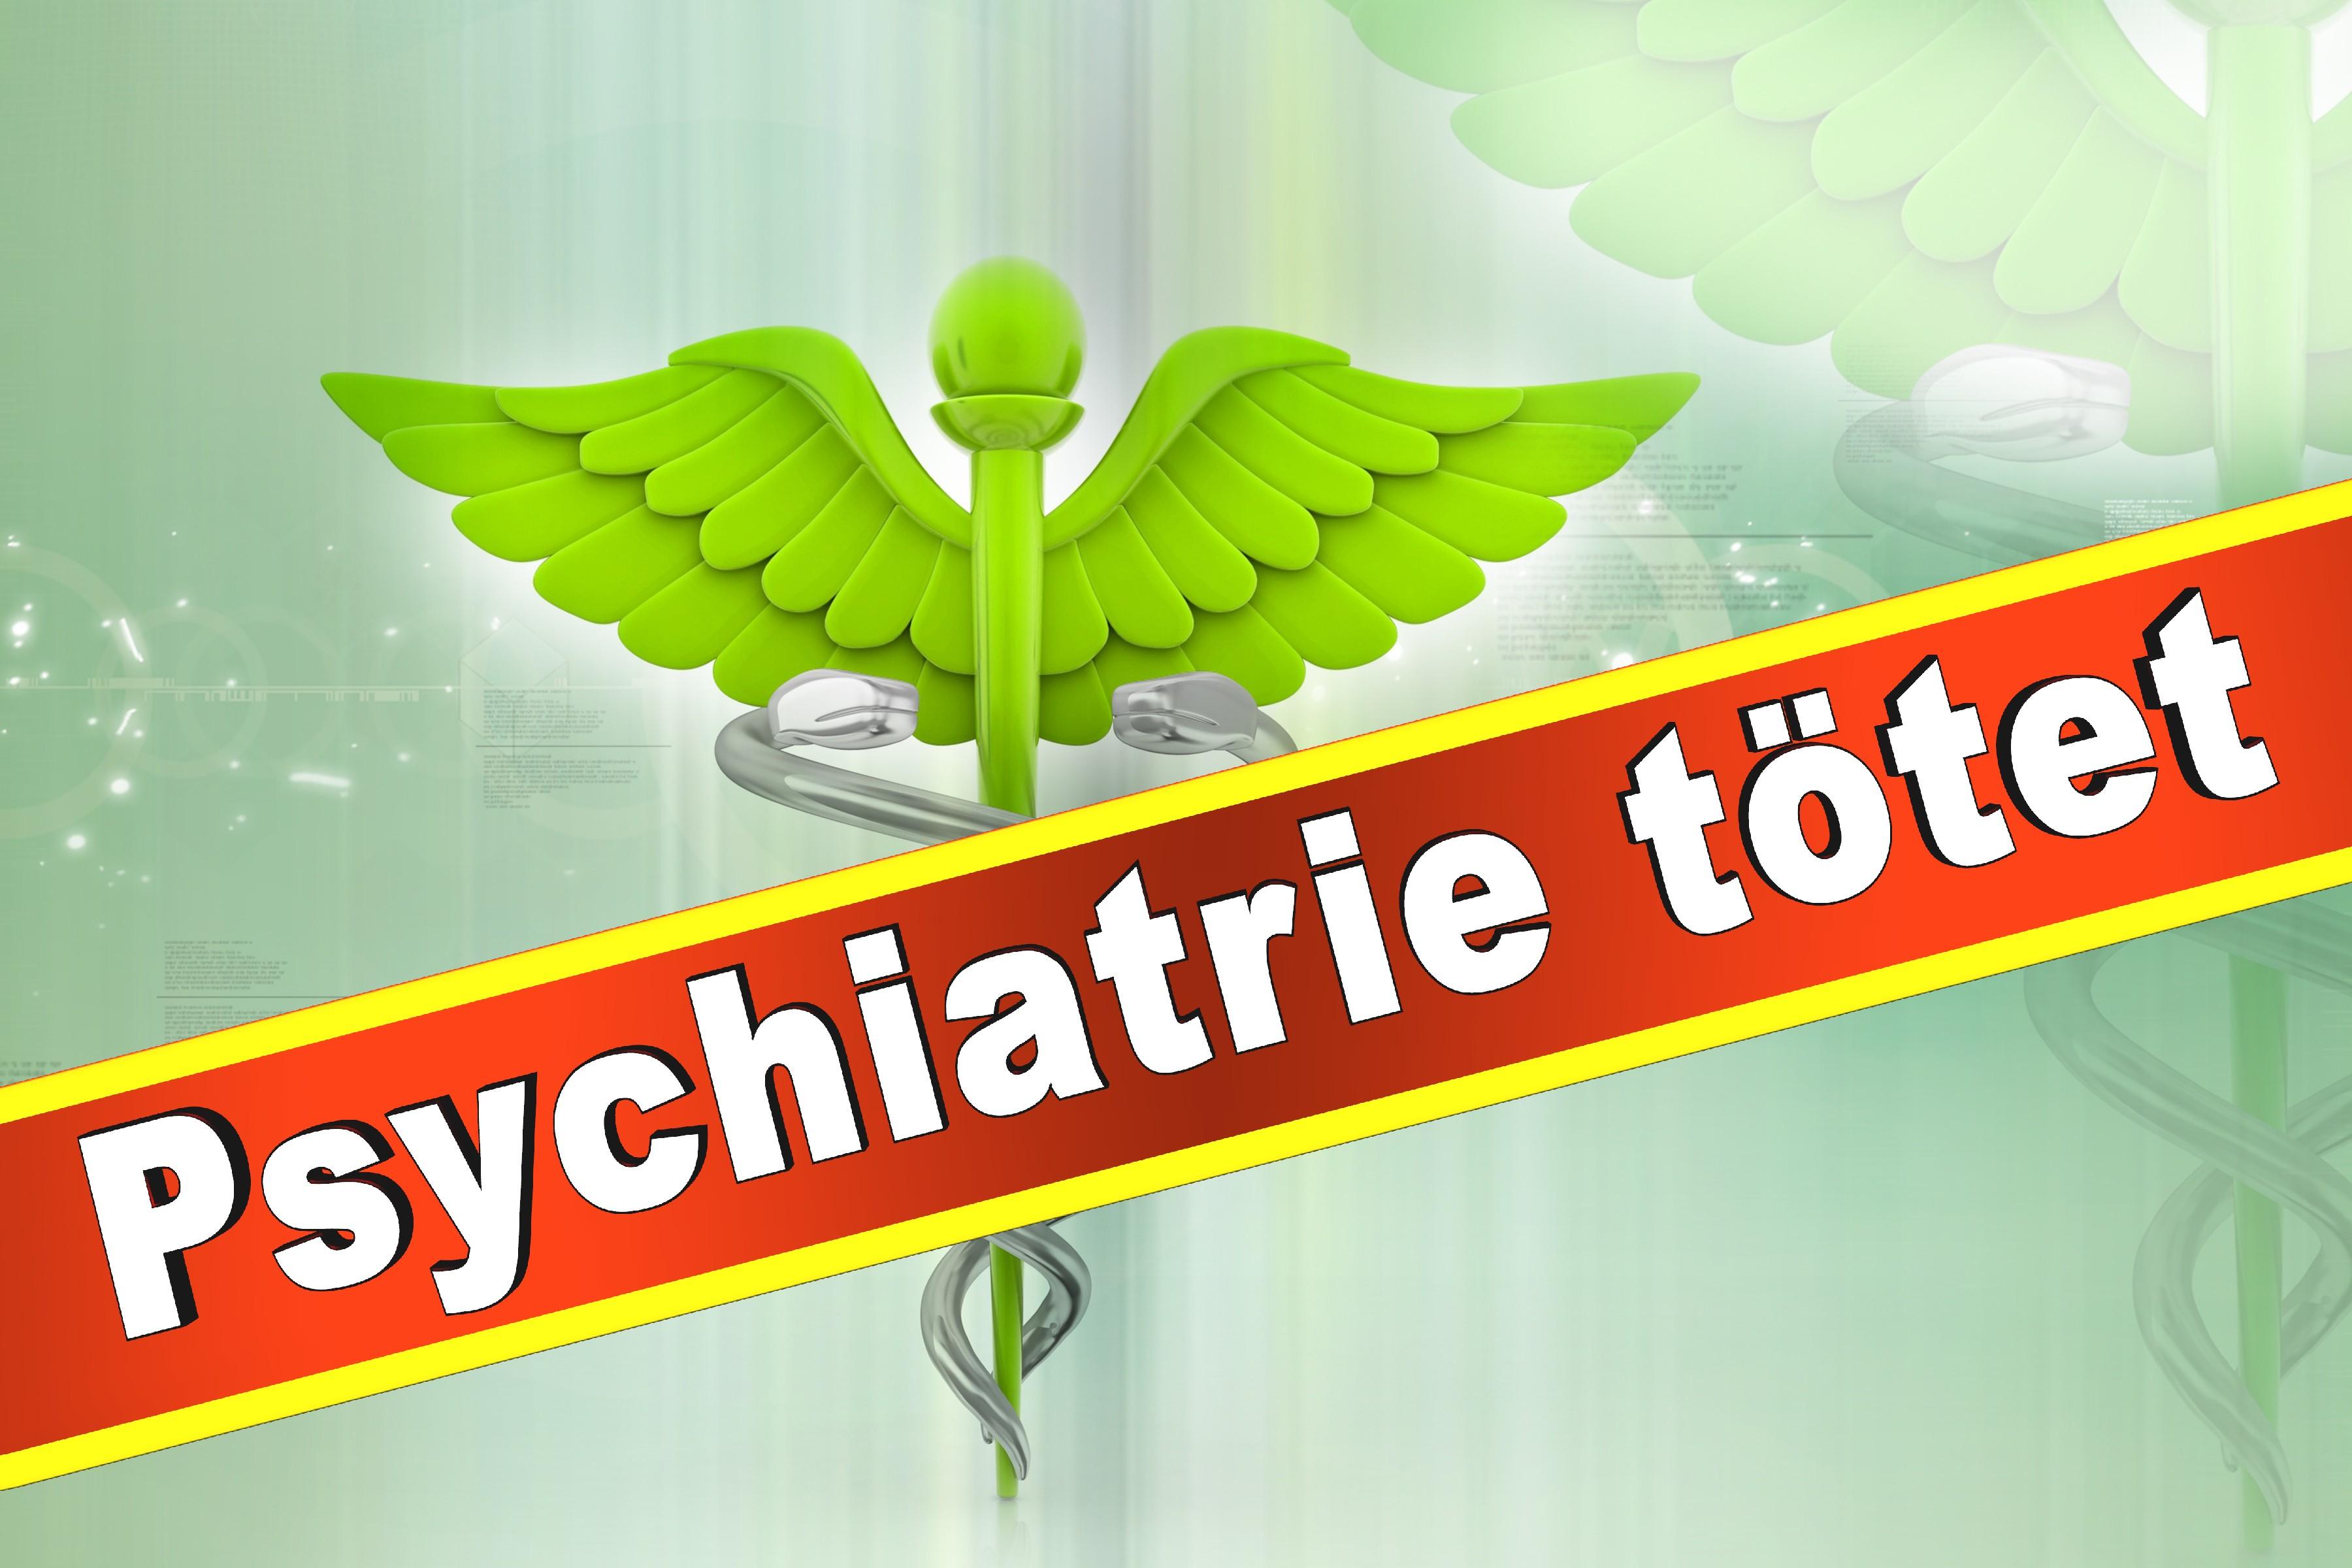 Wielant Machleidt Psychiater Psychotherapeut Professor Praxis Der Interkulturellen Psychiatrie Und Psychotherapie (32)